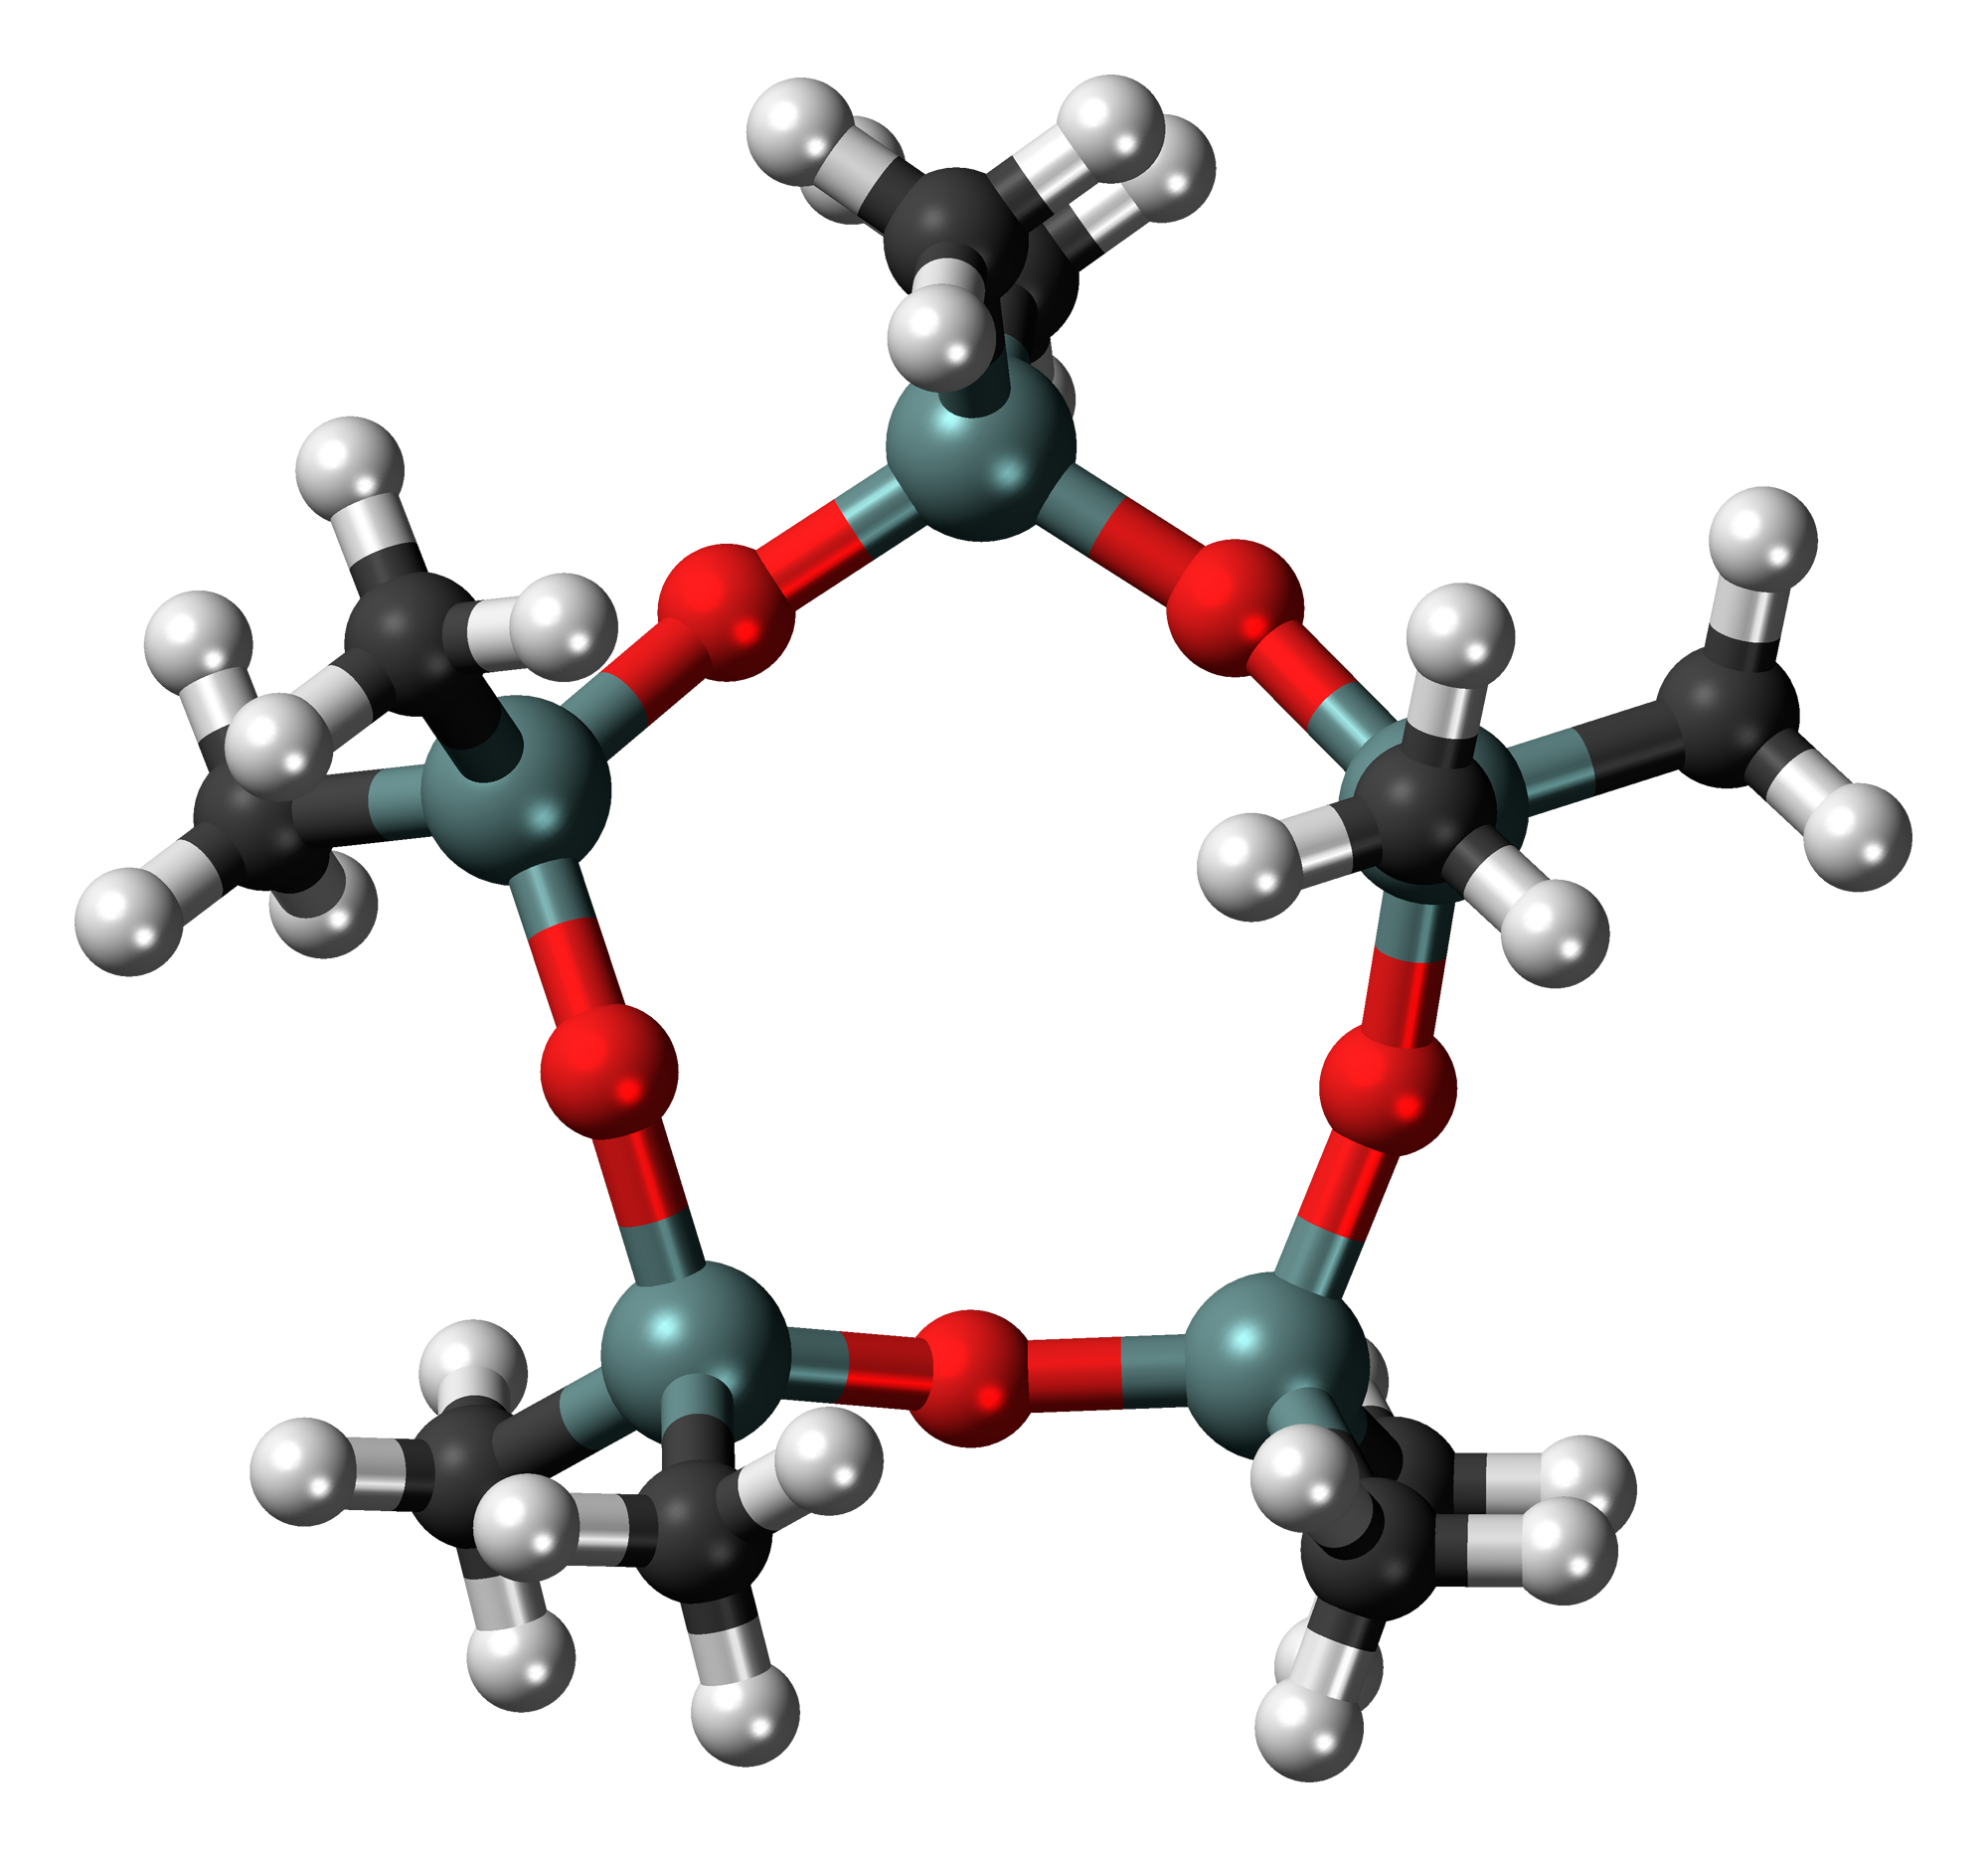 Cyclopentasiloxane structure